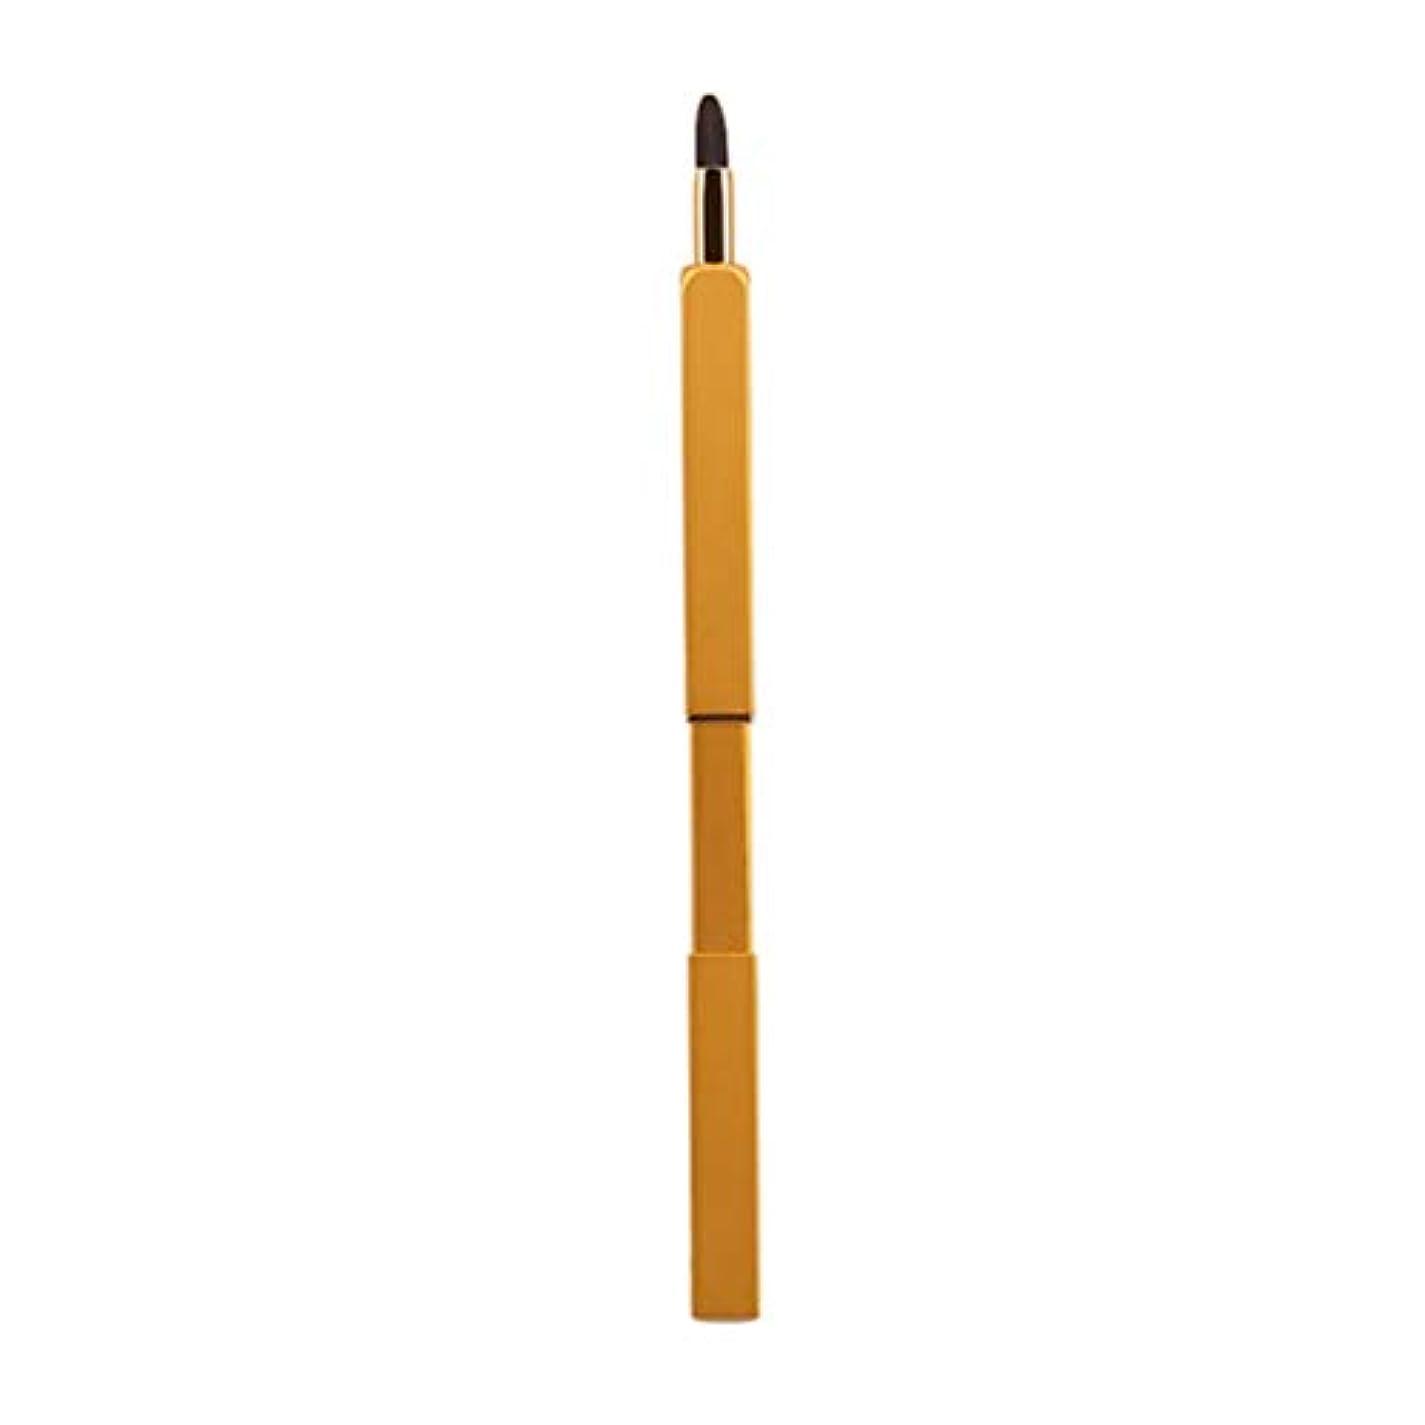 読み書きのできない修士号スポーツの試合を担当している人Lurrose 引き込み式のリップブラシの柔らかいナイロン繊維の口紅の金属の管が付いている携帯用構造のブラシ(黄色)